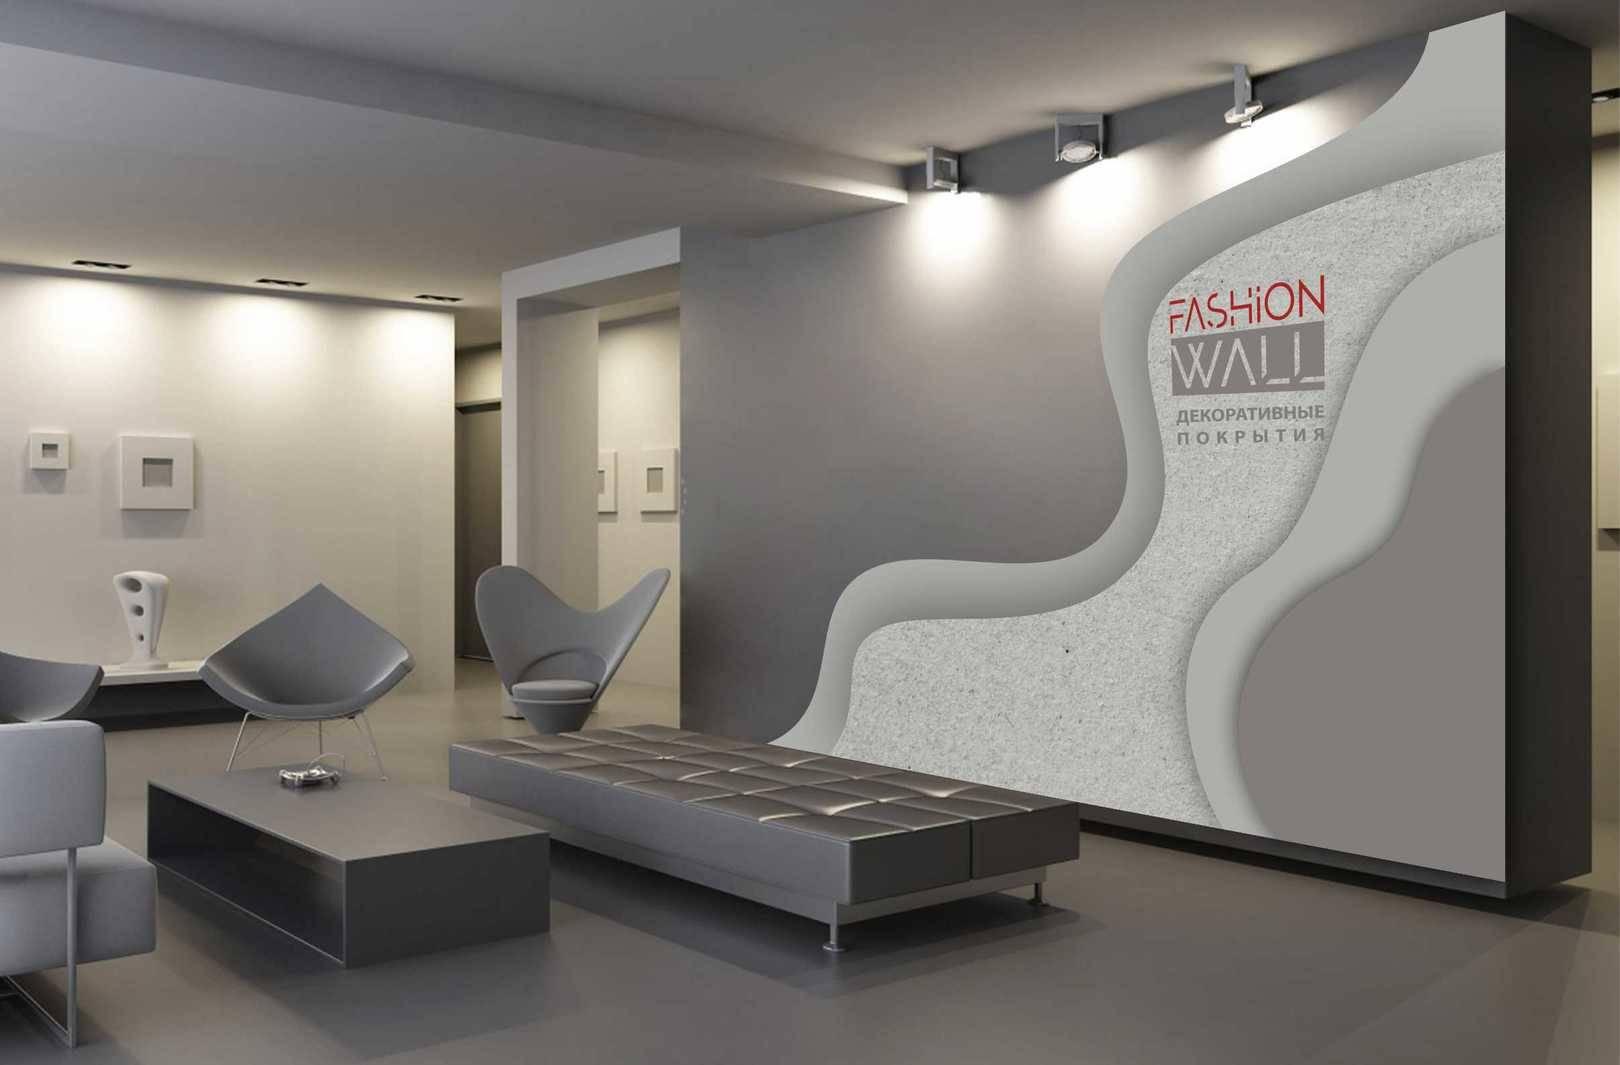 Разработка фирменного стиля и стилеобразующих элементов для профессионального центра продаж и производства декоративных покрытий для стен.